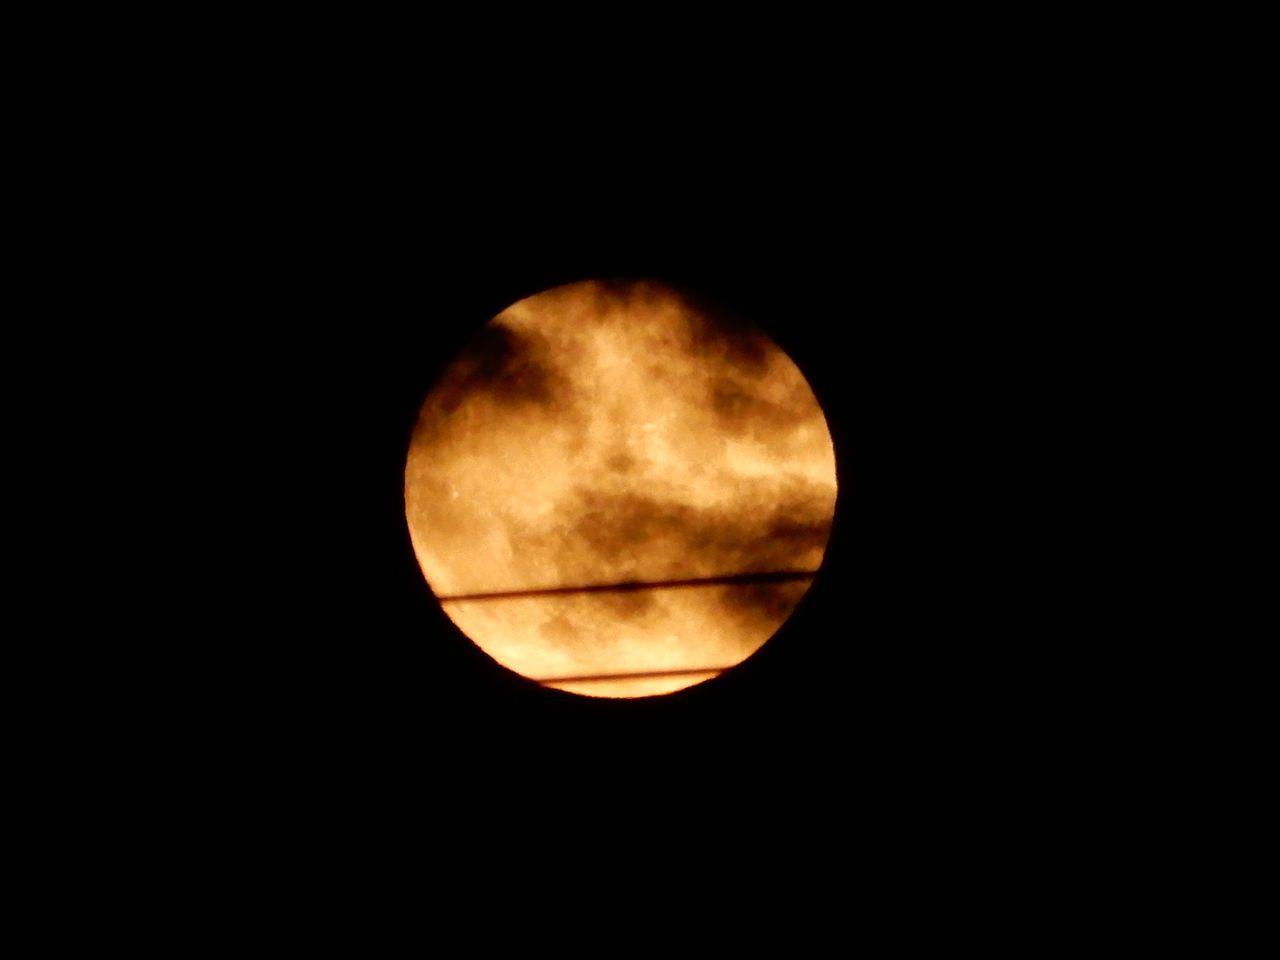 ハロウィーン、満月、ブルームーン、マイクロムーン、となりに火星_c0025115_22251994.jpg